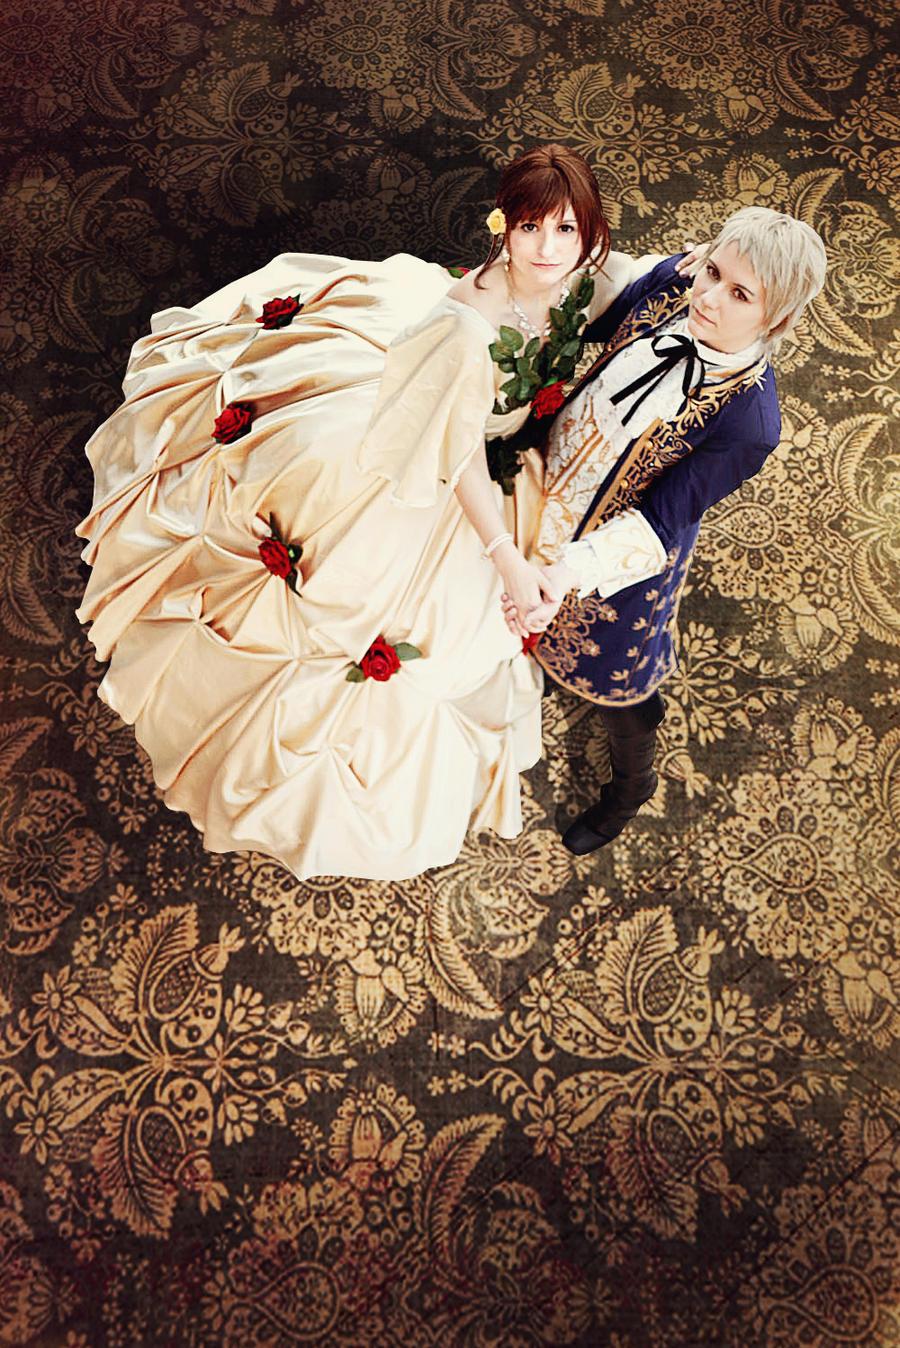 Hetalia: dance by Amapolchen